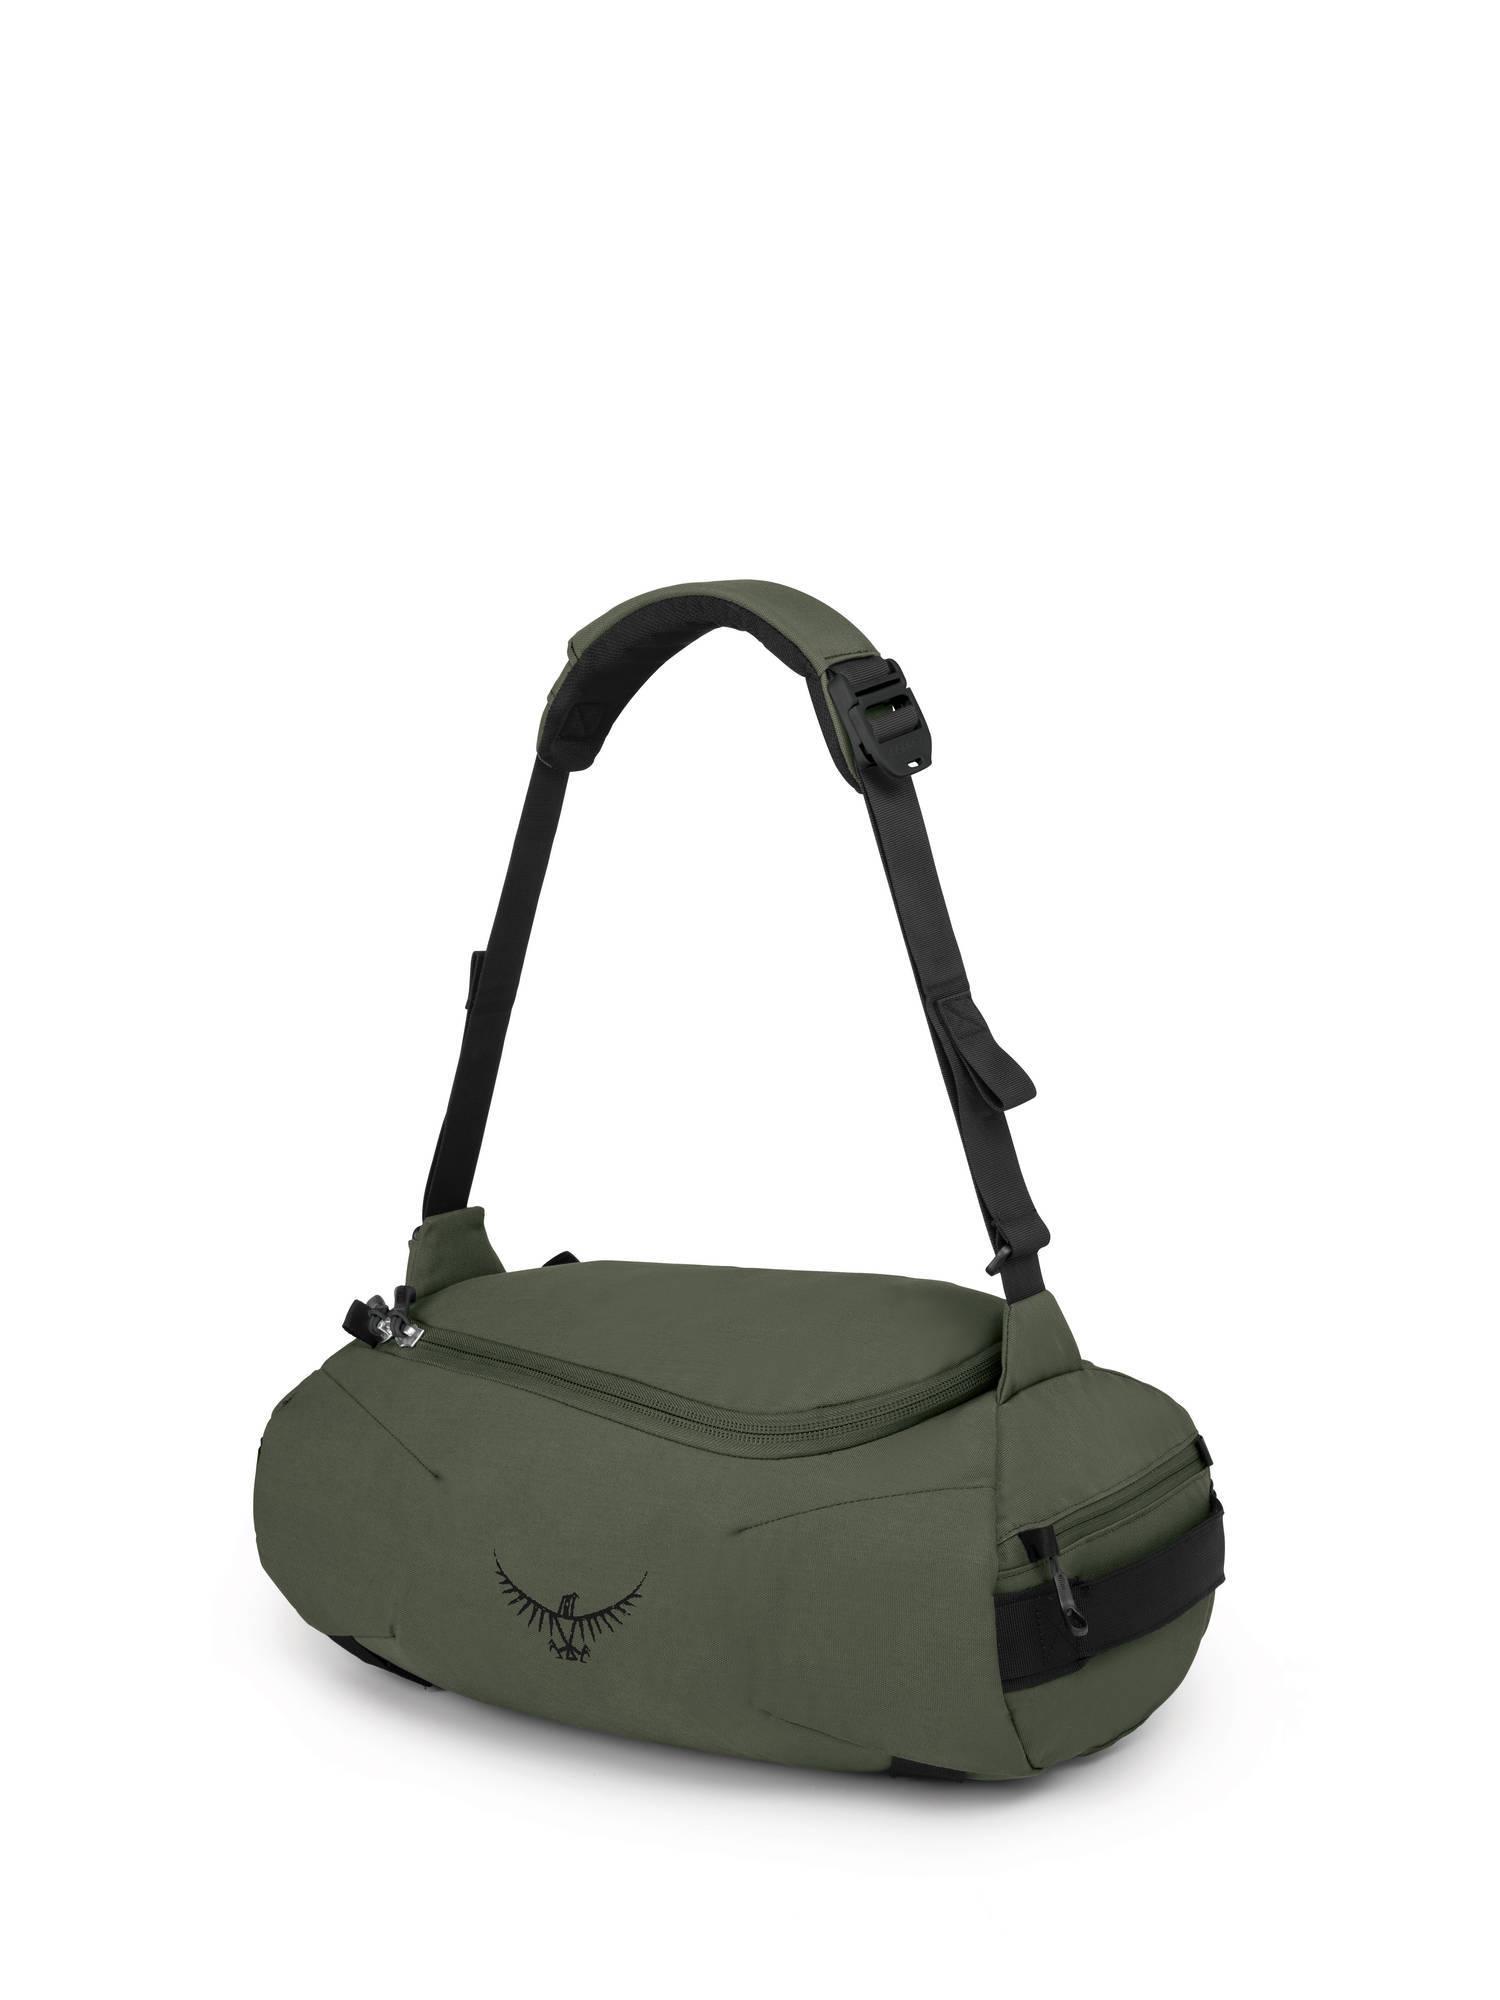 Сумки-рюкзаки Сумка Osprey Trillium 30 Duffel Truffle Green Trillium_30_F17_Side_Truffle_Green_web.jpg